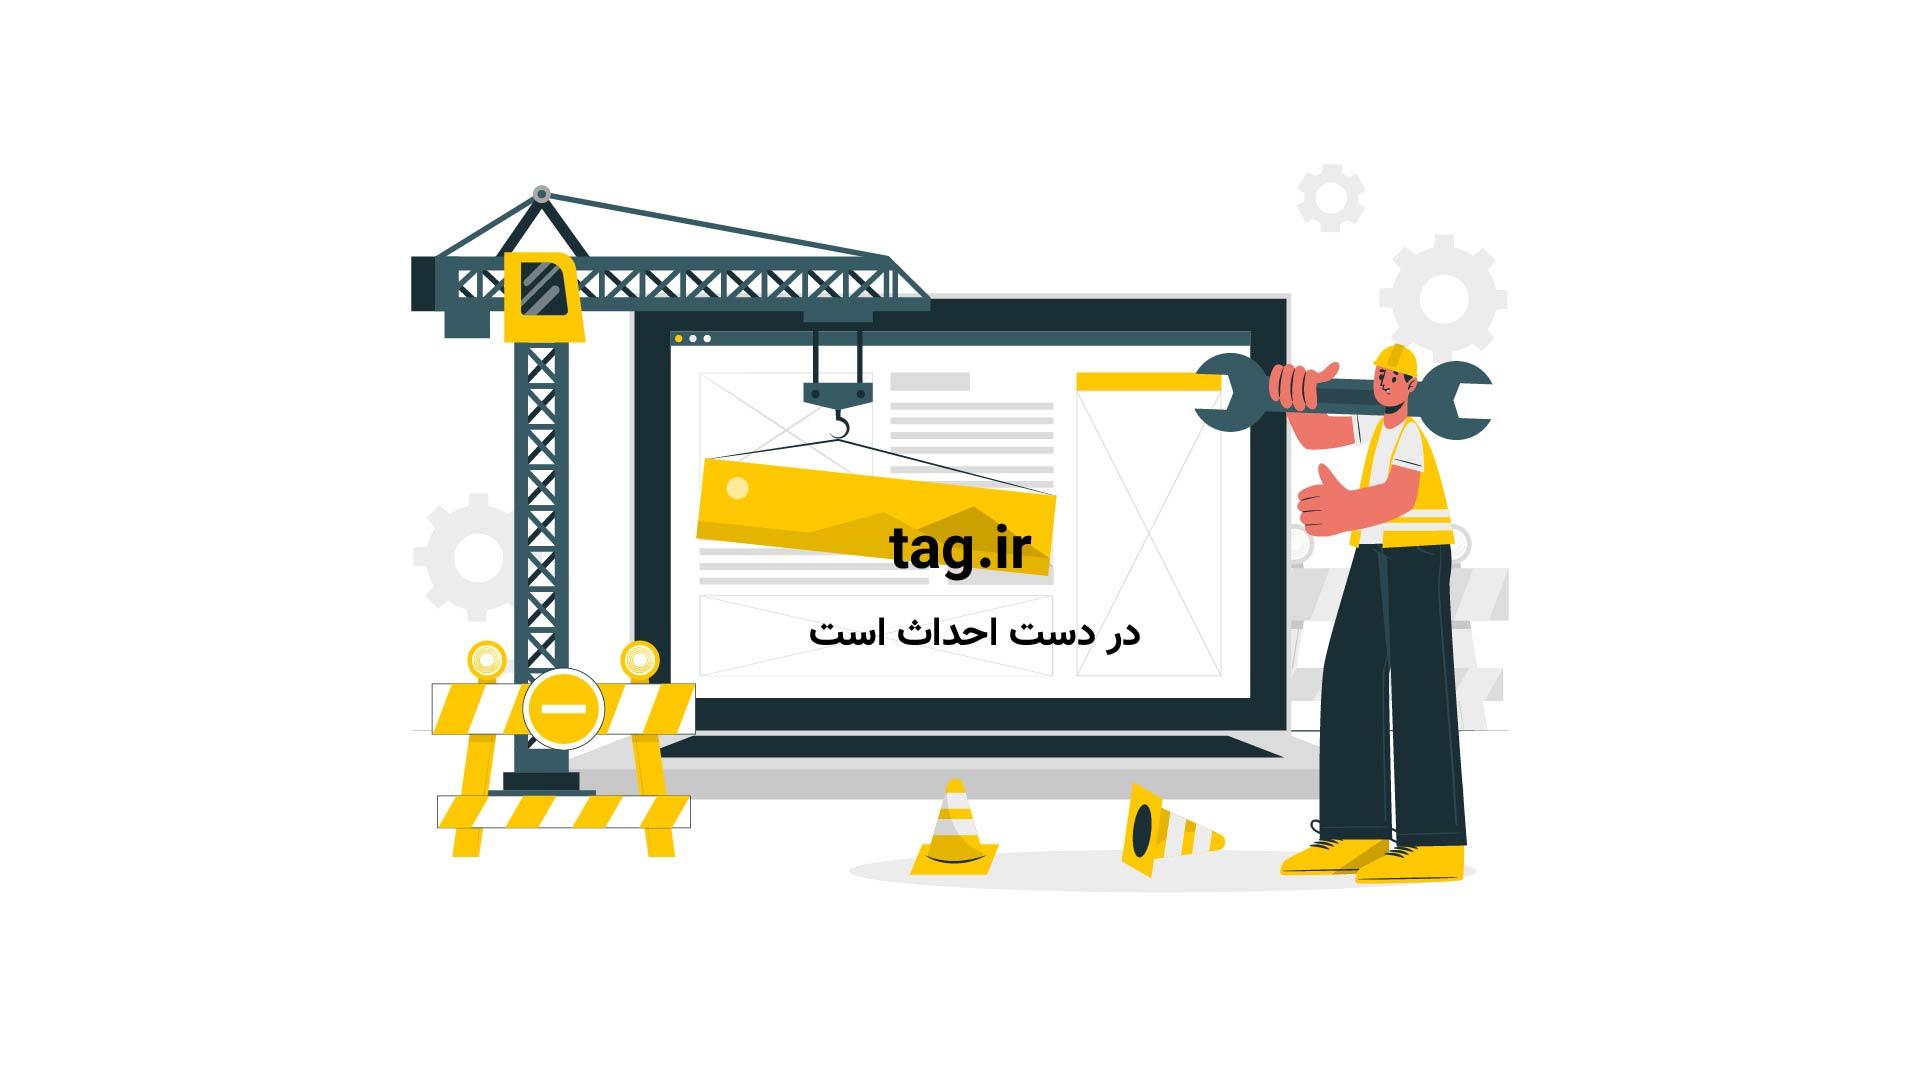 پرافتخارترین مربی فوتبال ایرانی در بستر بیماری | فیلم